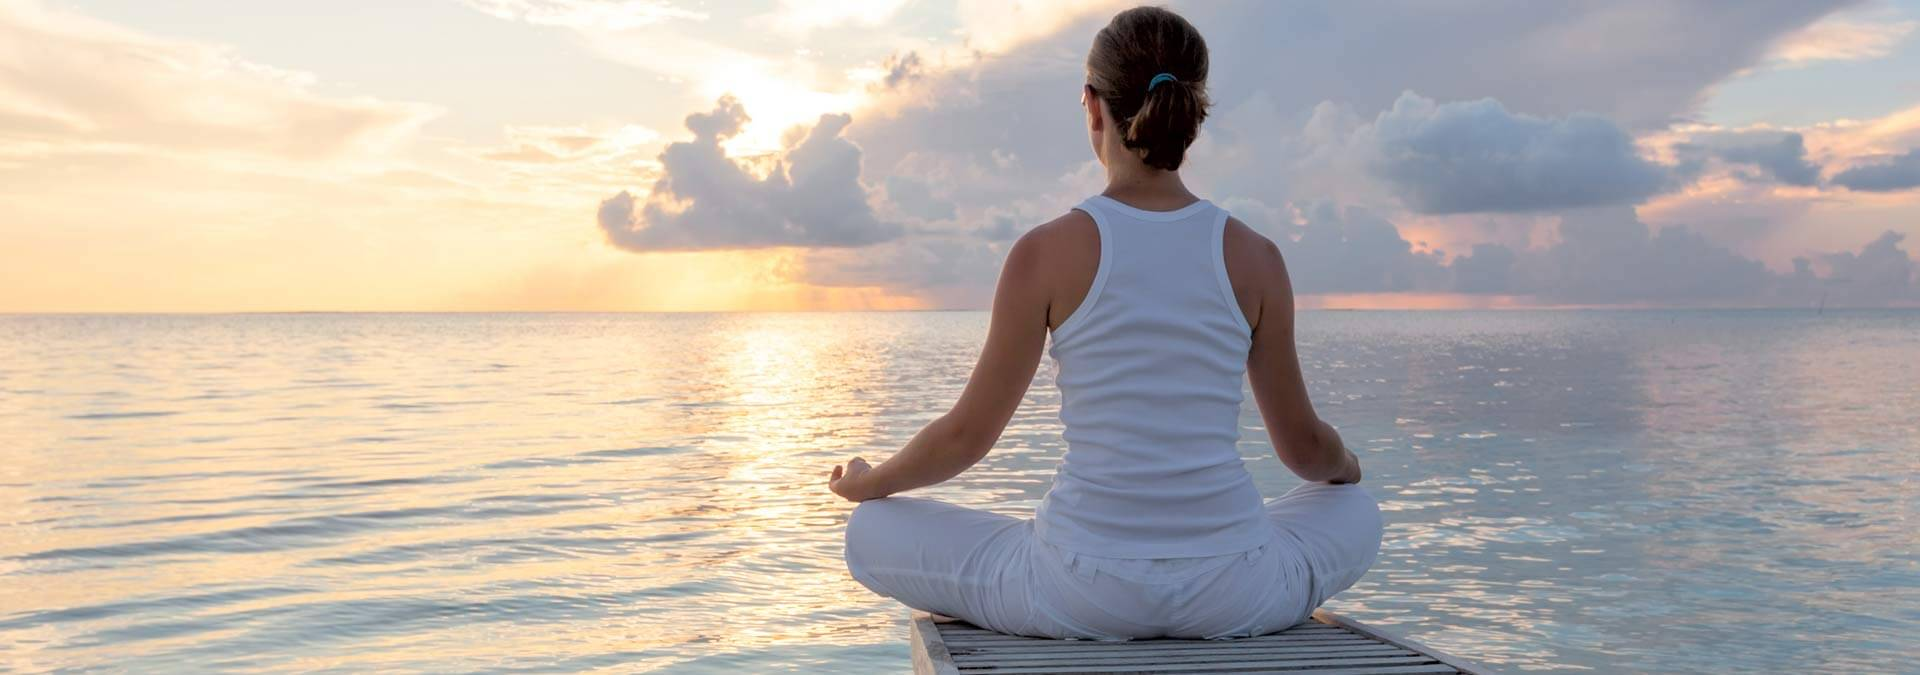 Innerlijke rust spreuken van ingspire voor balans en geluk